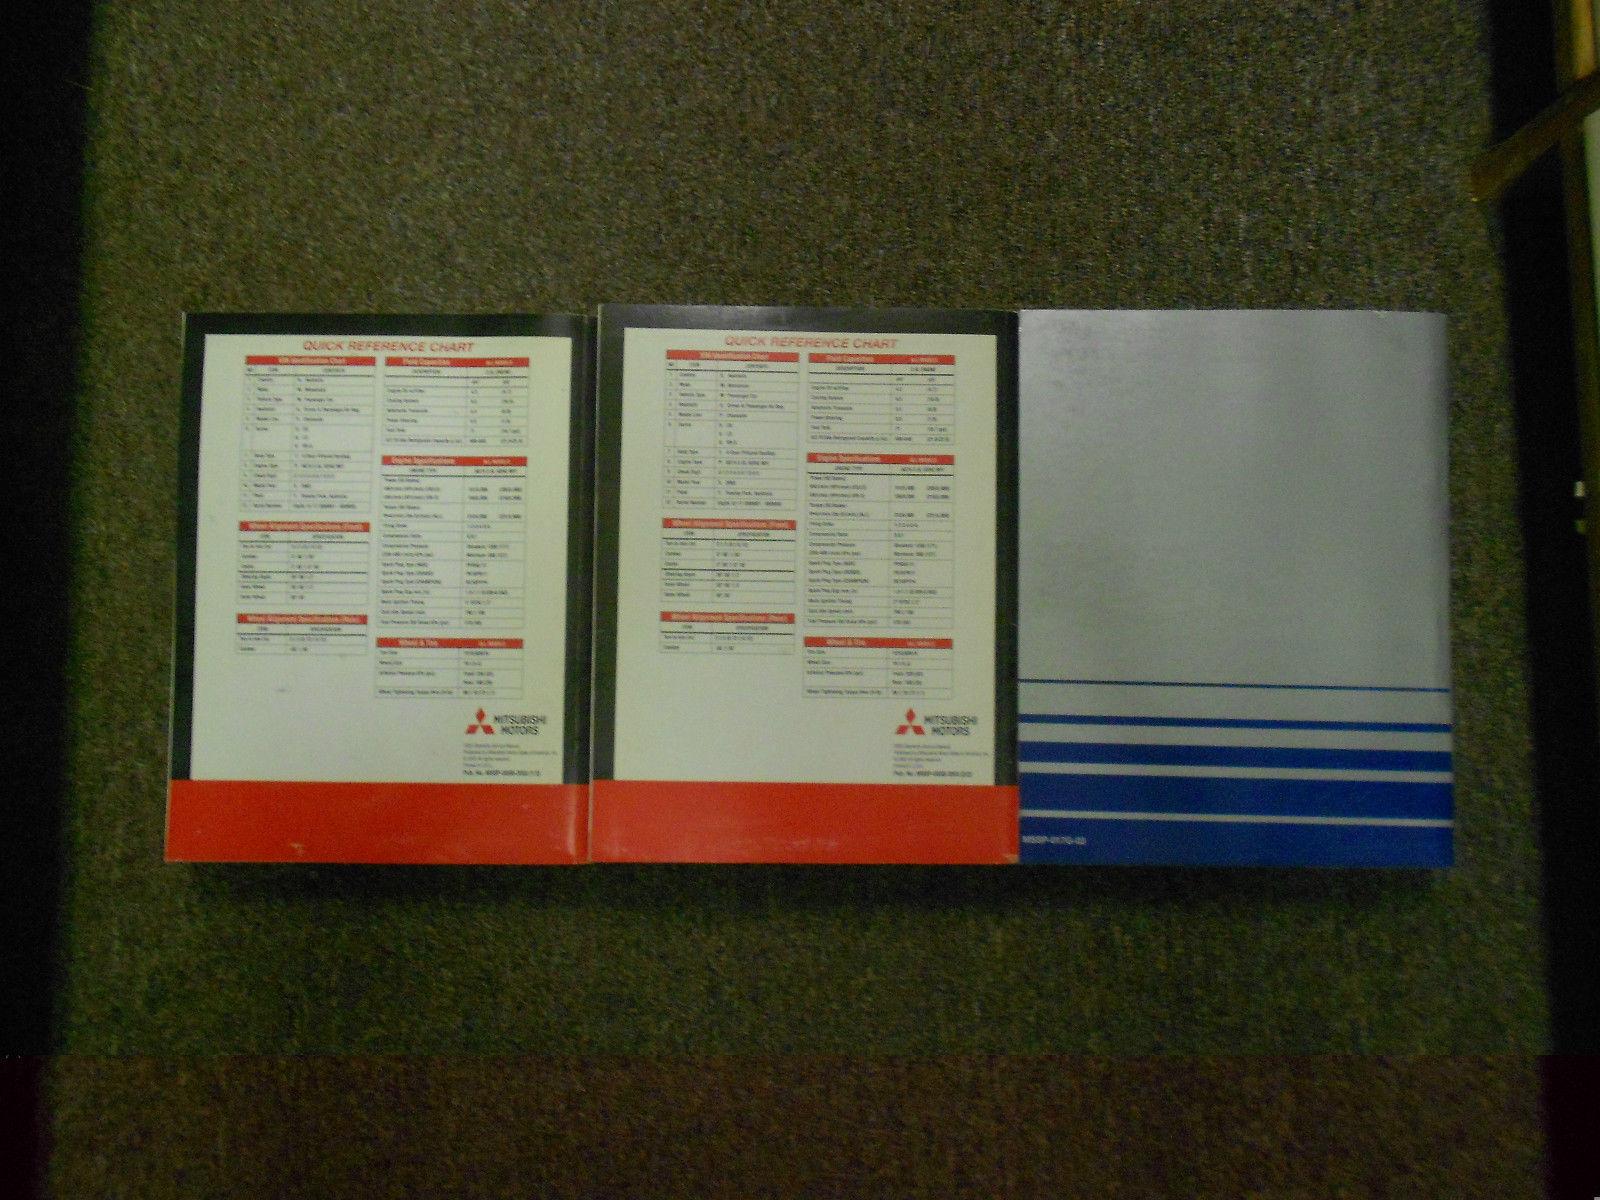 2003 MITSUBISHI Diamante Service Repair Shop Manual SET FACTORY OEM BOOK 03 x